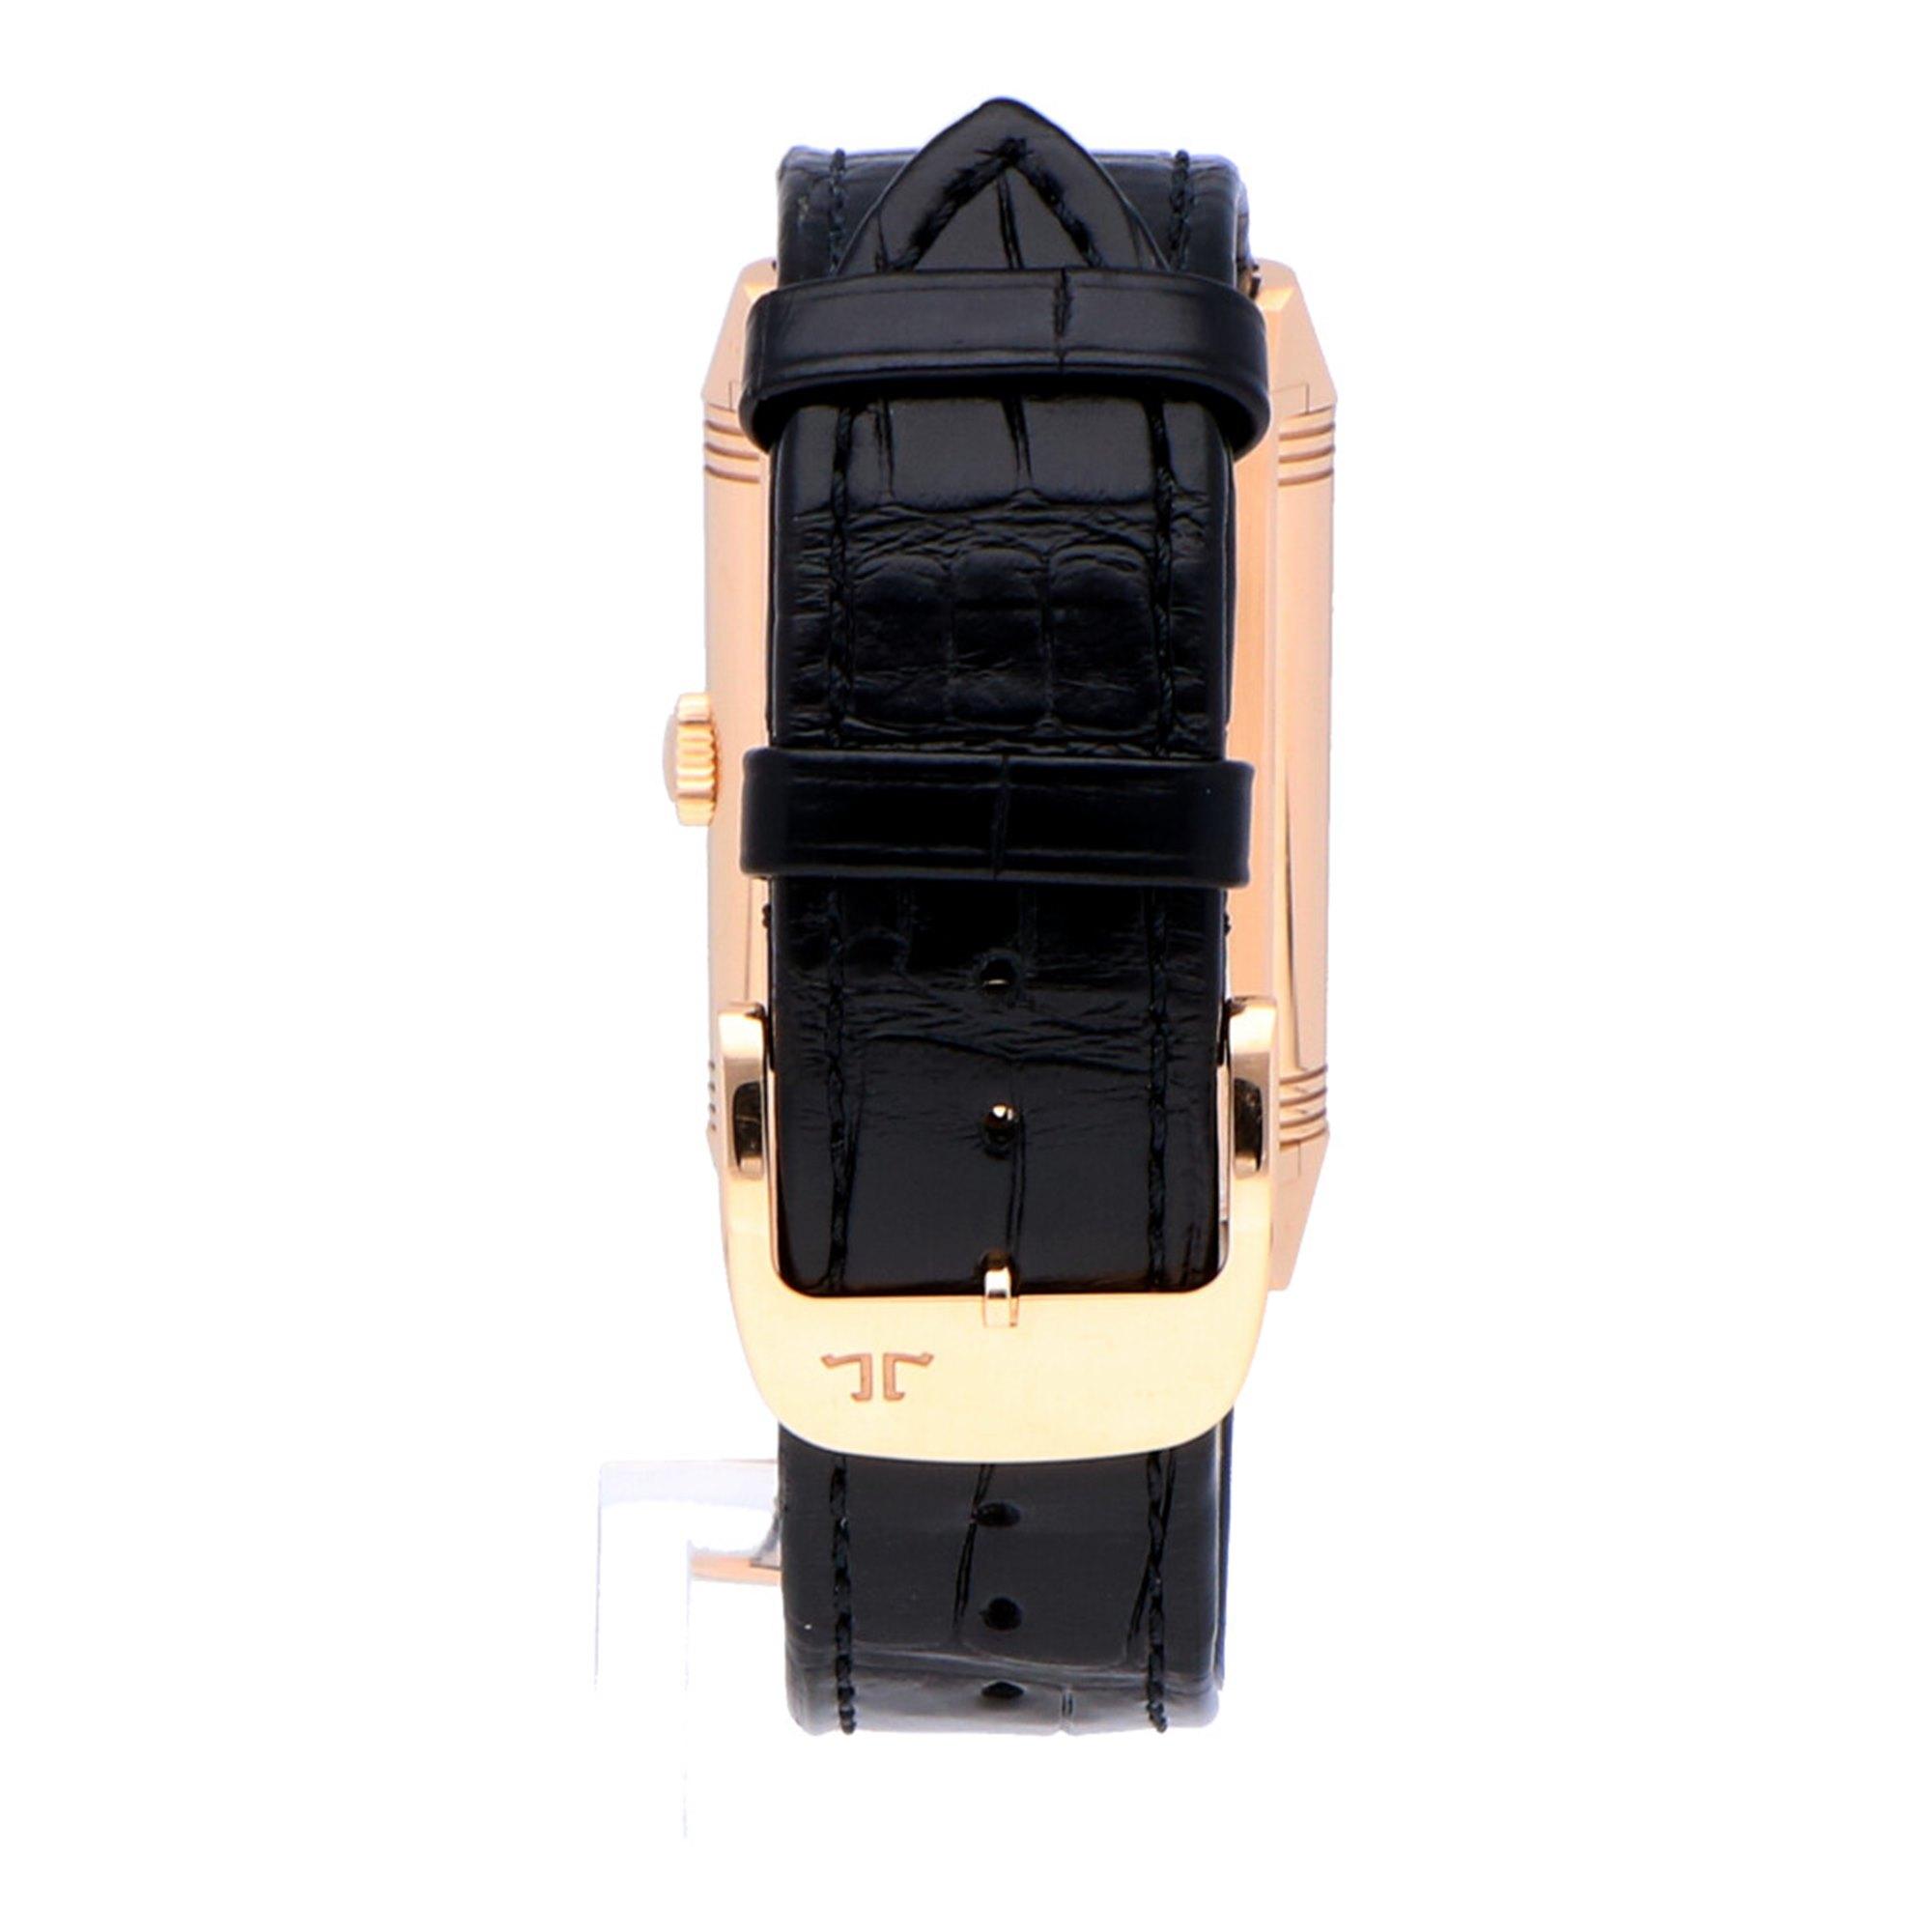 Jaeger-LeCoultre Reverso 18k Rose Gold Q3842520